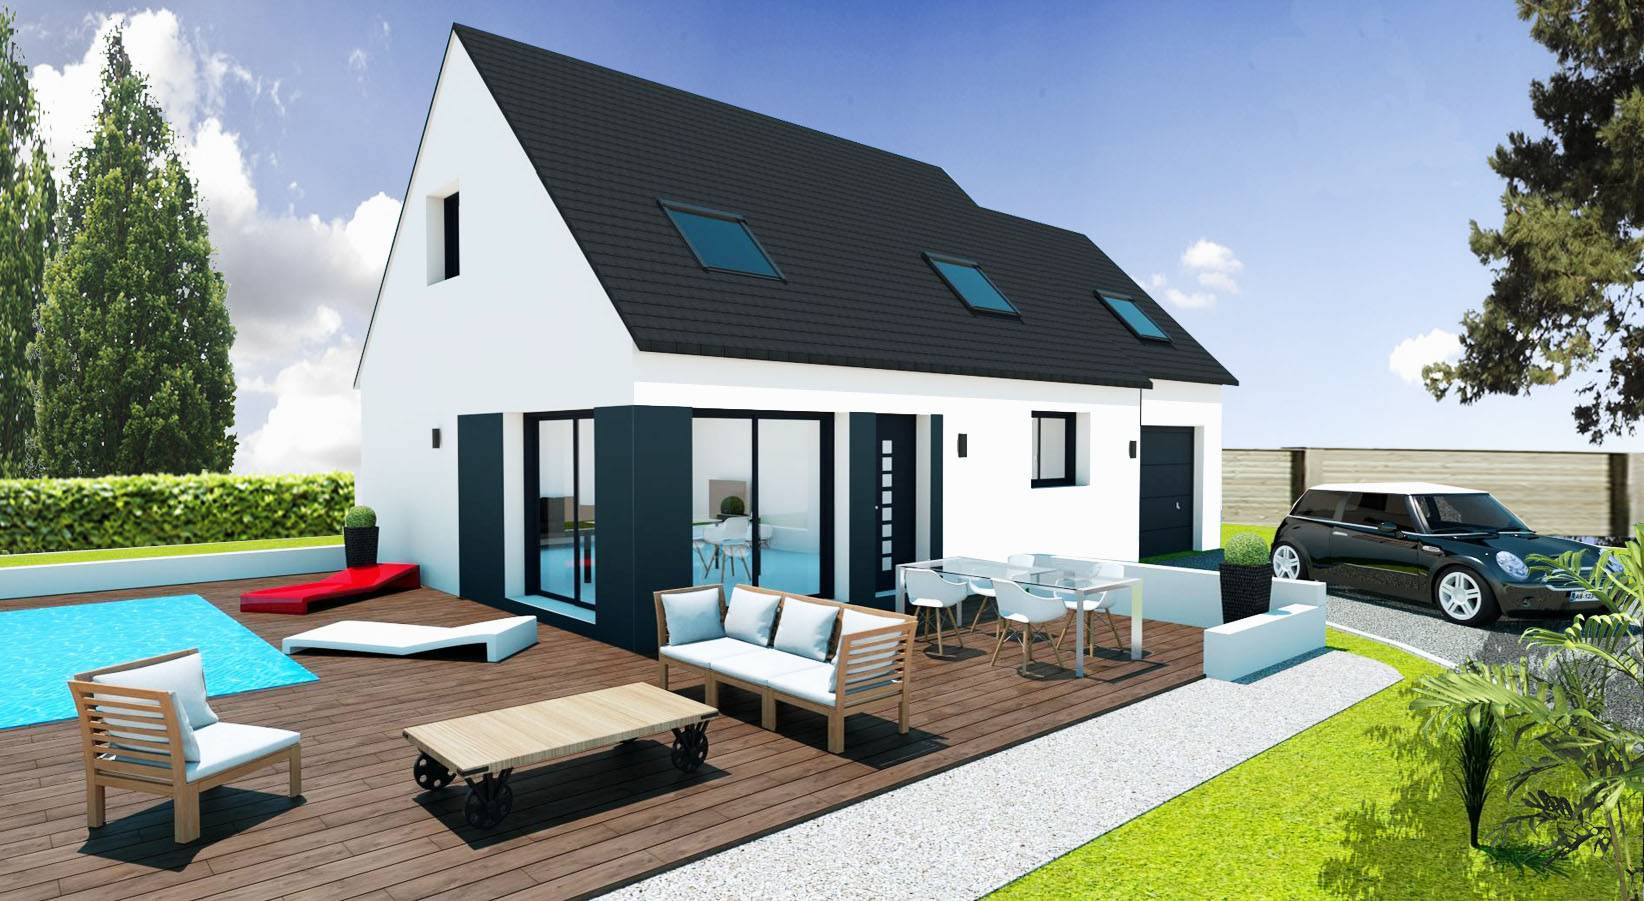 Votre maison en 3d avec les maisons pep 39 s maisons pep 39 s for Construire sa maison simulation